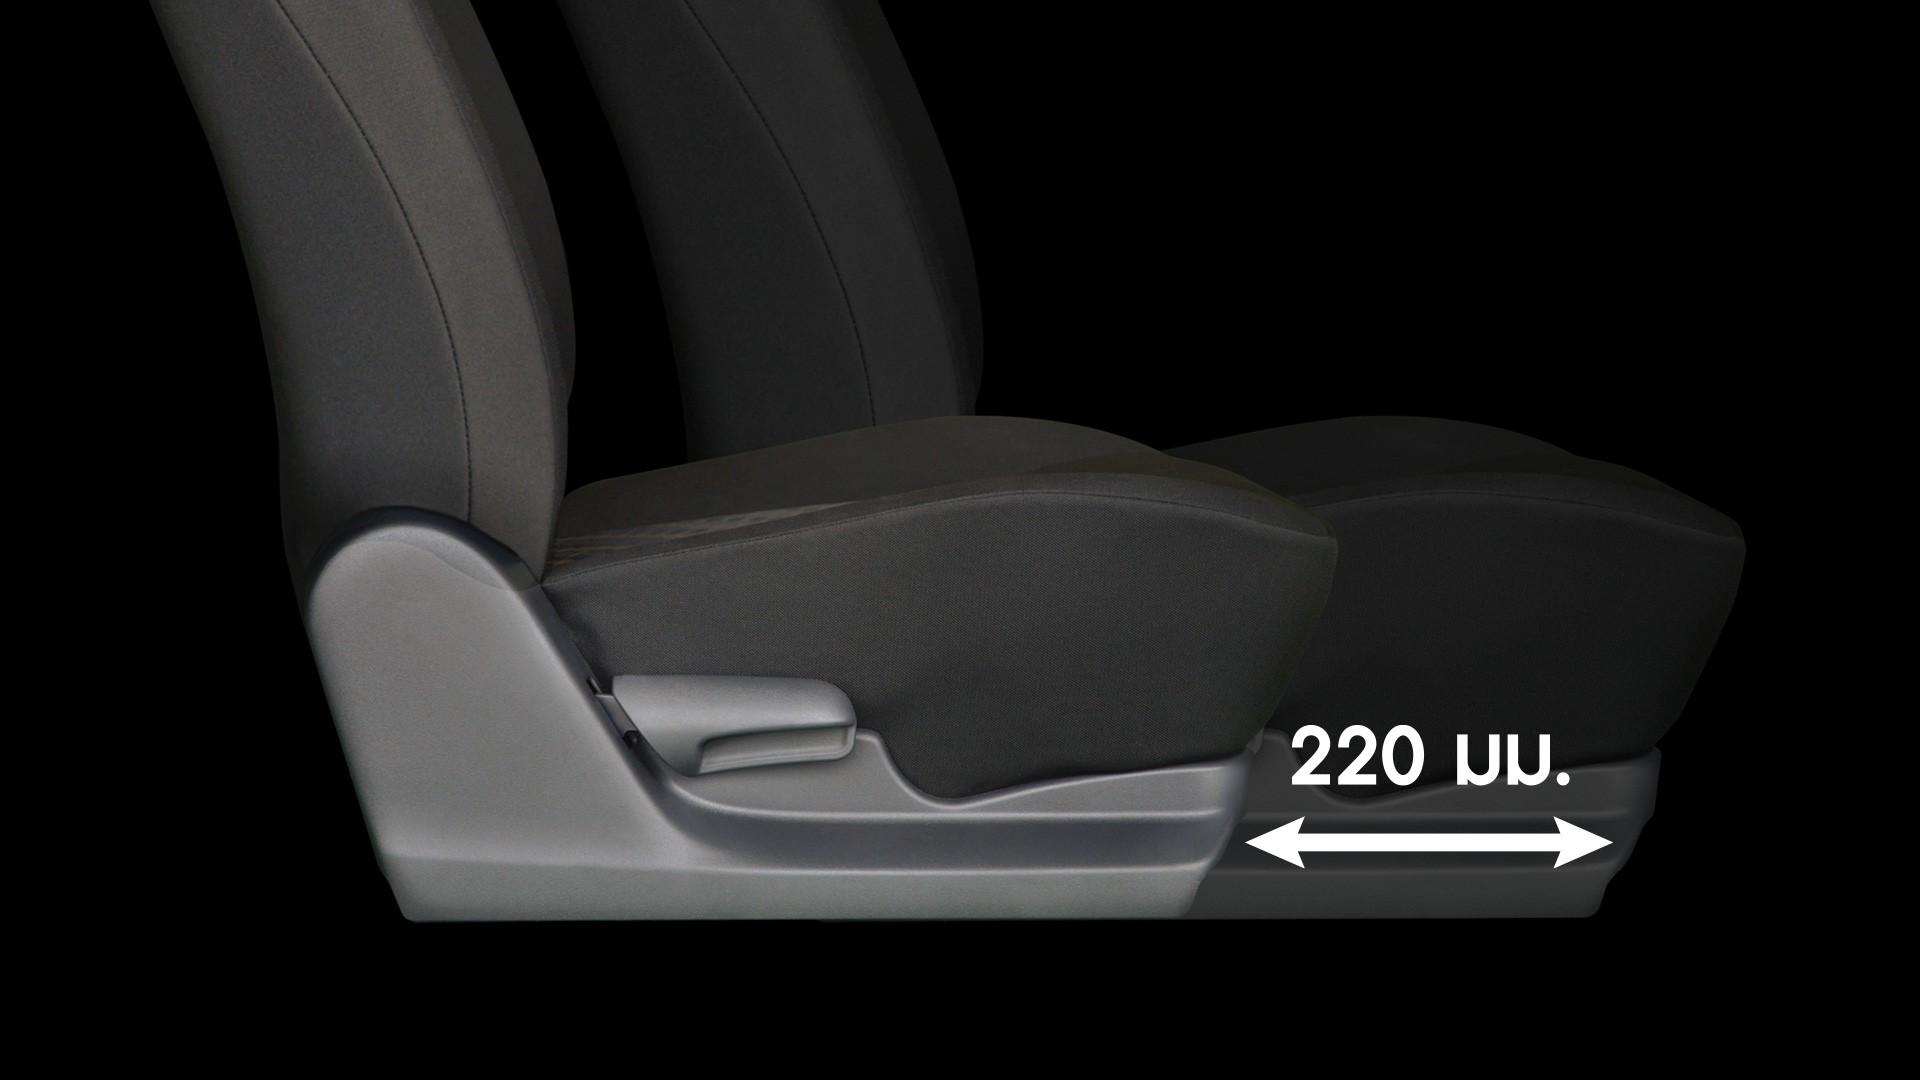 Suzuki CELERIO เบาะนั่งของผู้ขับขี่